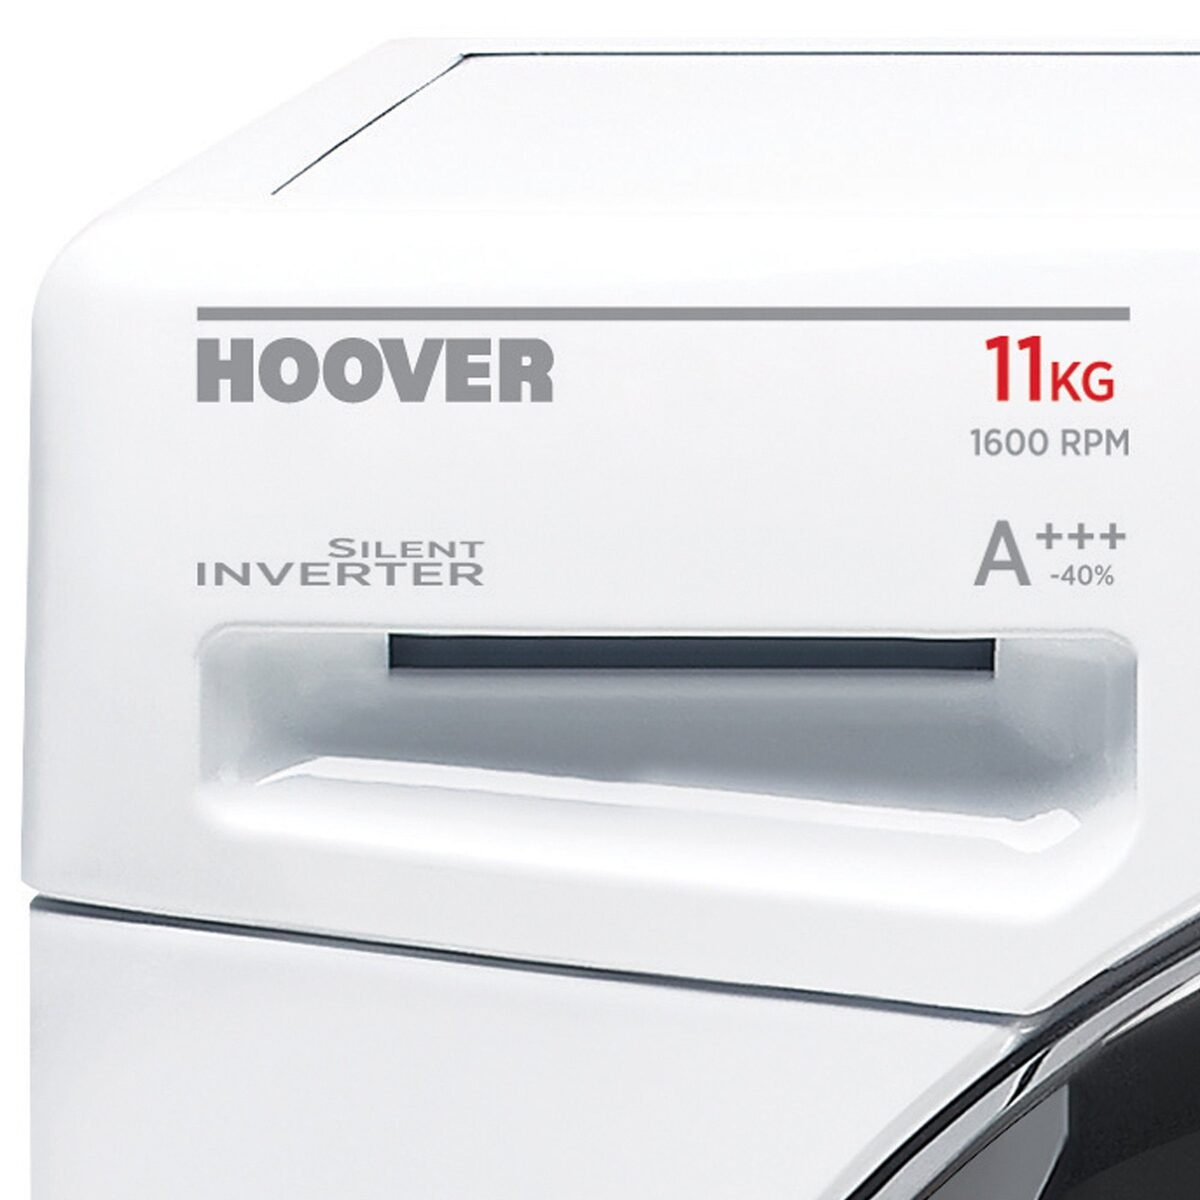 Bild 2 von Hoover Waschmaschine DWOT 611AHC3/1-S, 11 kg, 1600 U/Min, Invertermotor, Mengenautomatik, All in One 59 min., NFC- und WiFi-Technologie